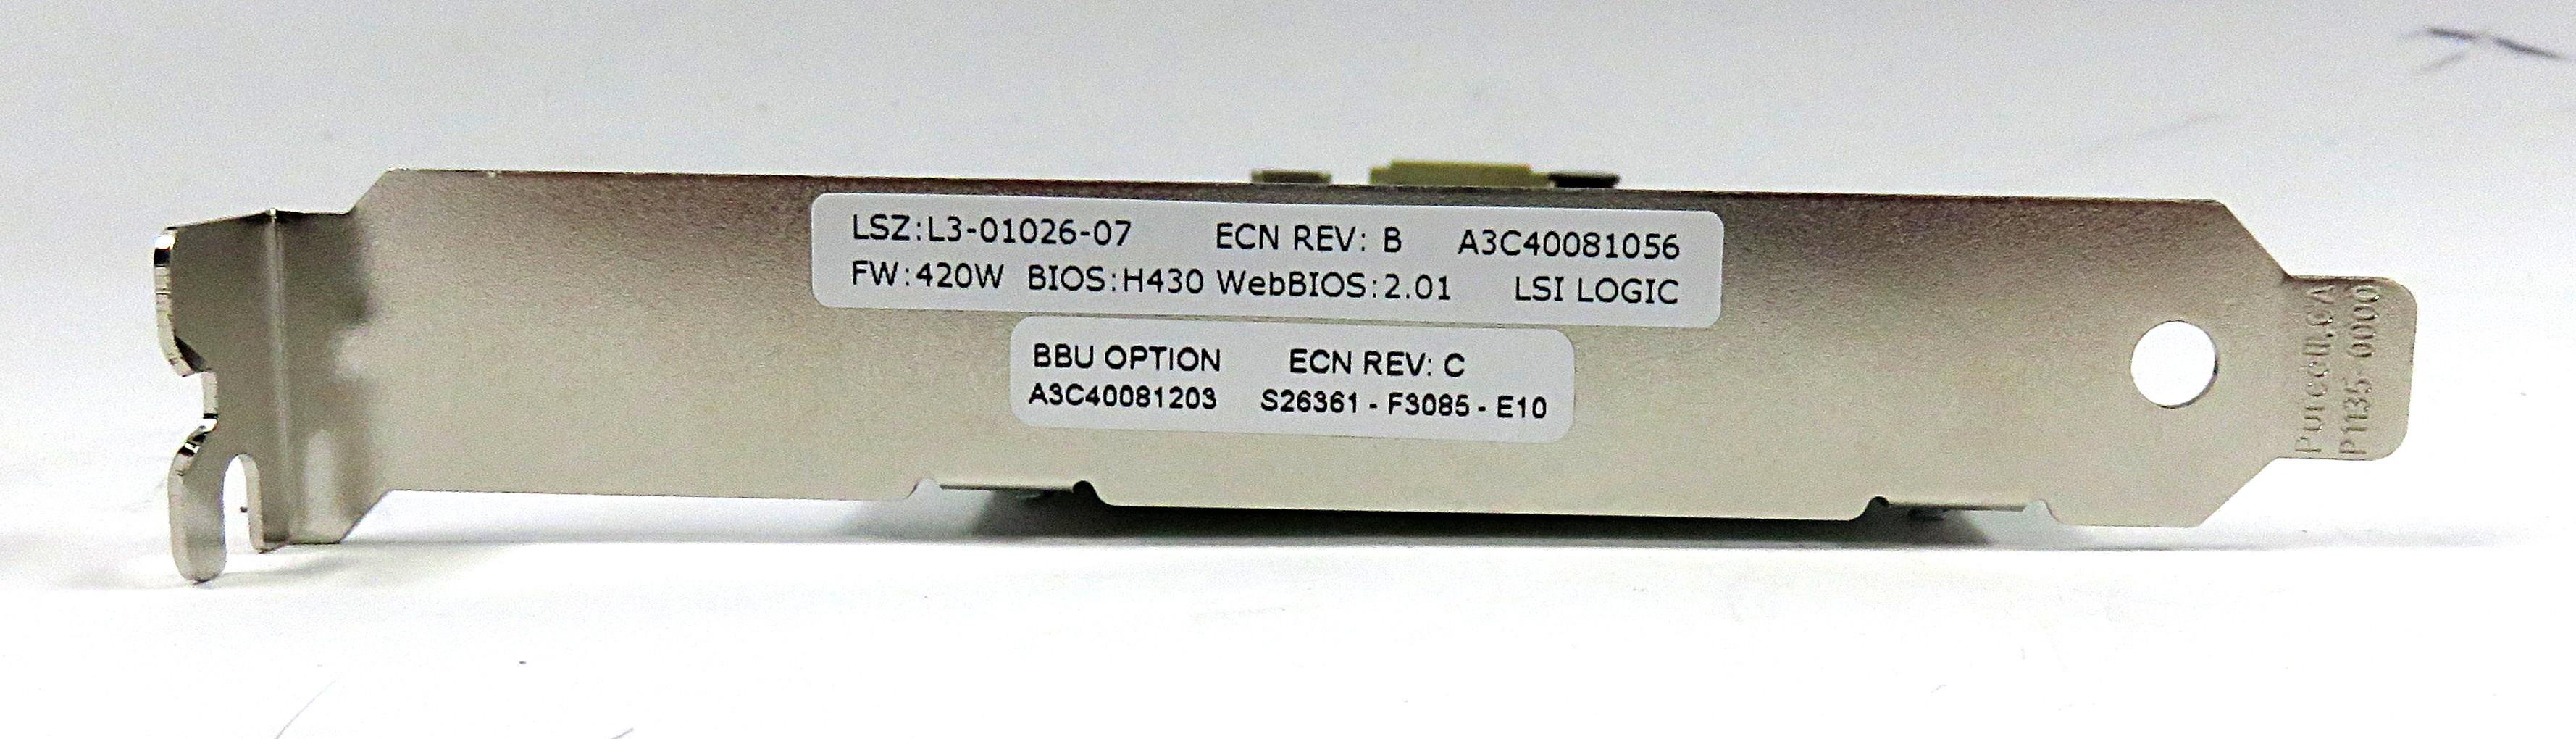 LSI Logic L3-01026-07B PCI-X MegaRAID SCSI 320 Controller Card A3C40081056